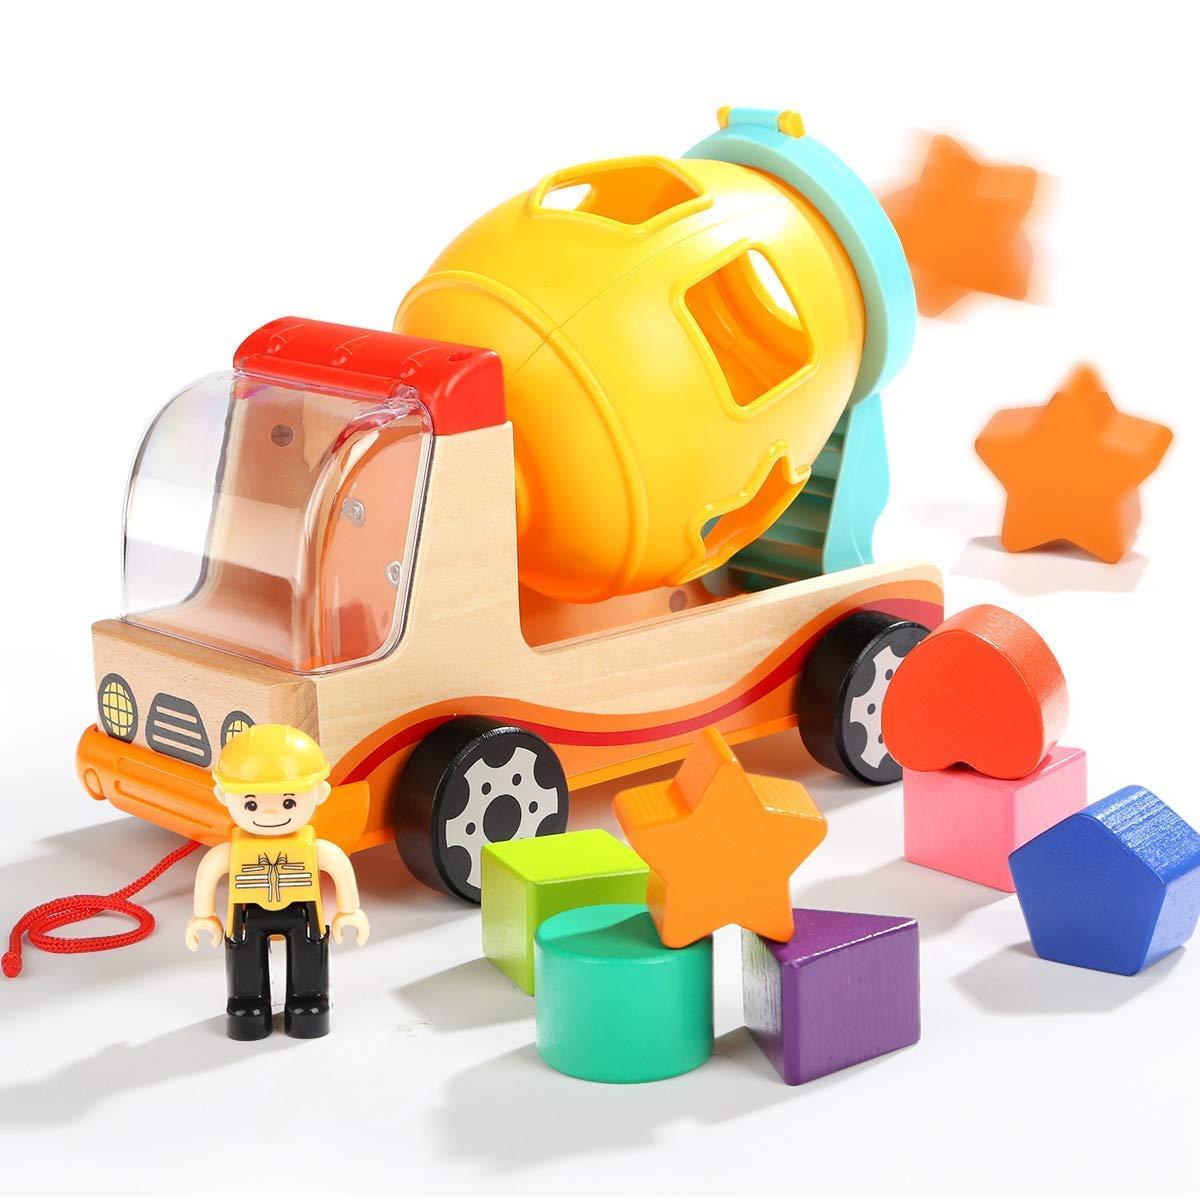 Betonmischer Spielzeug Betonmischfahrzeug für Jungen Mädchen Truck LKW zum Geburtstag und Weihnachten für Kinder TOP BRIGHT